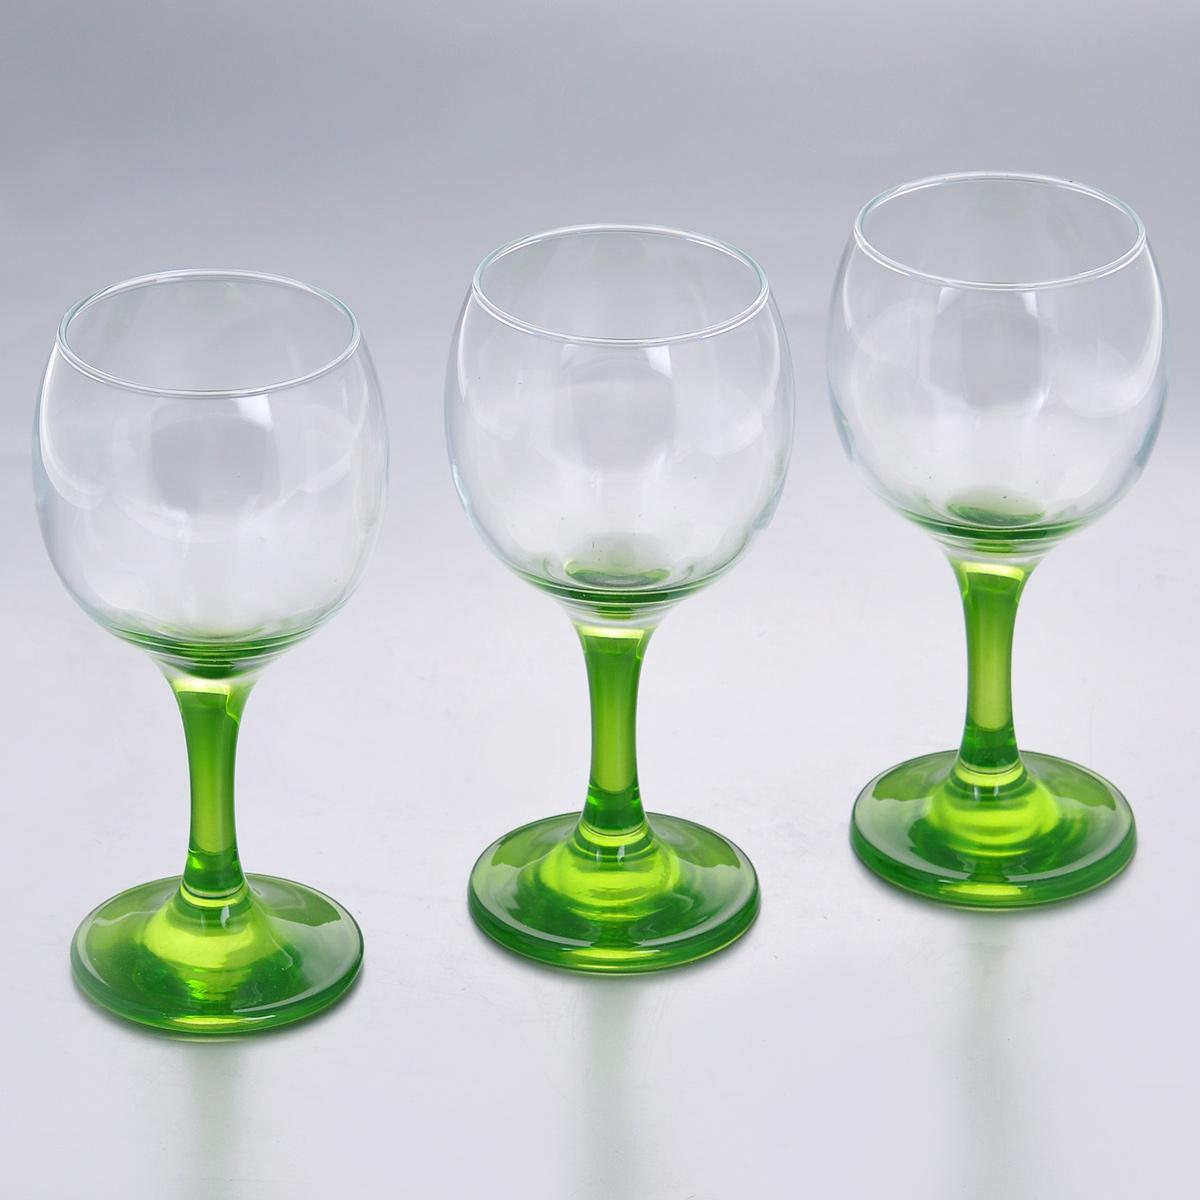 Набор фужеров Glass4you, цвет: зеленый, 220 мл, 3 шт44412GR/Набор Glass4you состоит из трех фужеров, выполненных из прочного натрий-кальций-силикатного стекла. Изделия имеют тонкие высокие цветные ножки. Фужеры излучают приятный блеск и издают мелодичный звон. Предназначены для подачи вина. Набор фужеров Glass4you прекрасно оформит праздничный стол и станет хорошим подарком к любому случаю. Можно мыть в посудомоечной машине. Диаметр фужера (по верхнему краю): 6,6 см. Высота фужера: 14,5 см. Диаметр основания: 6,4 см.